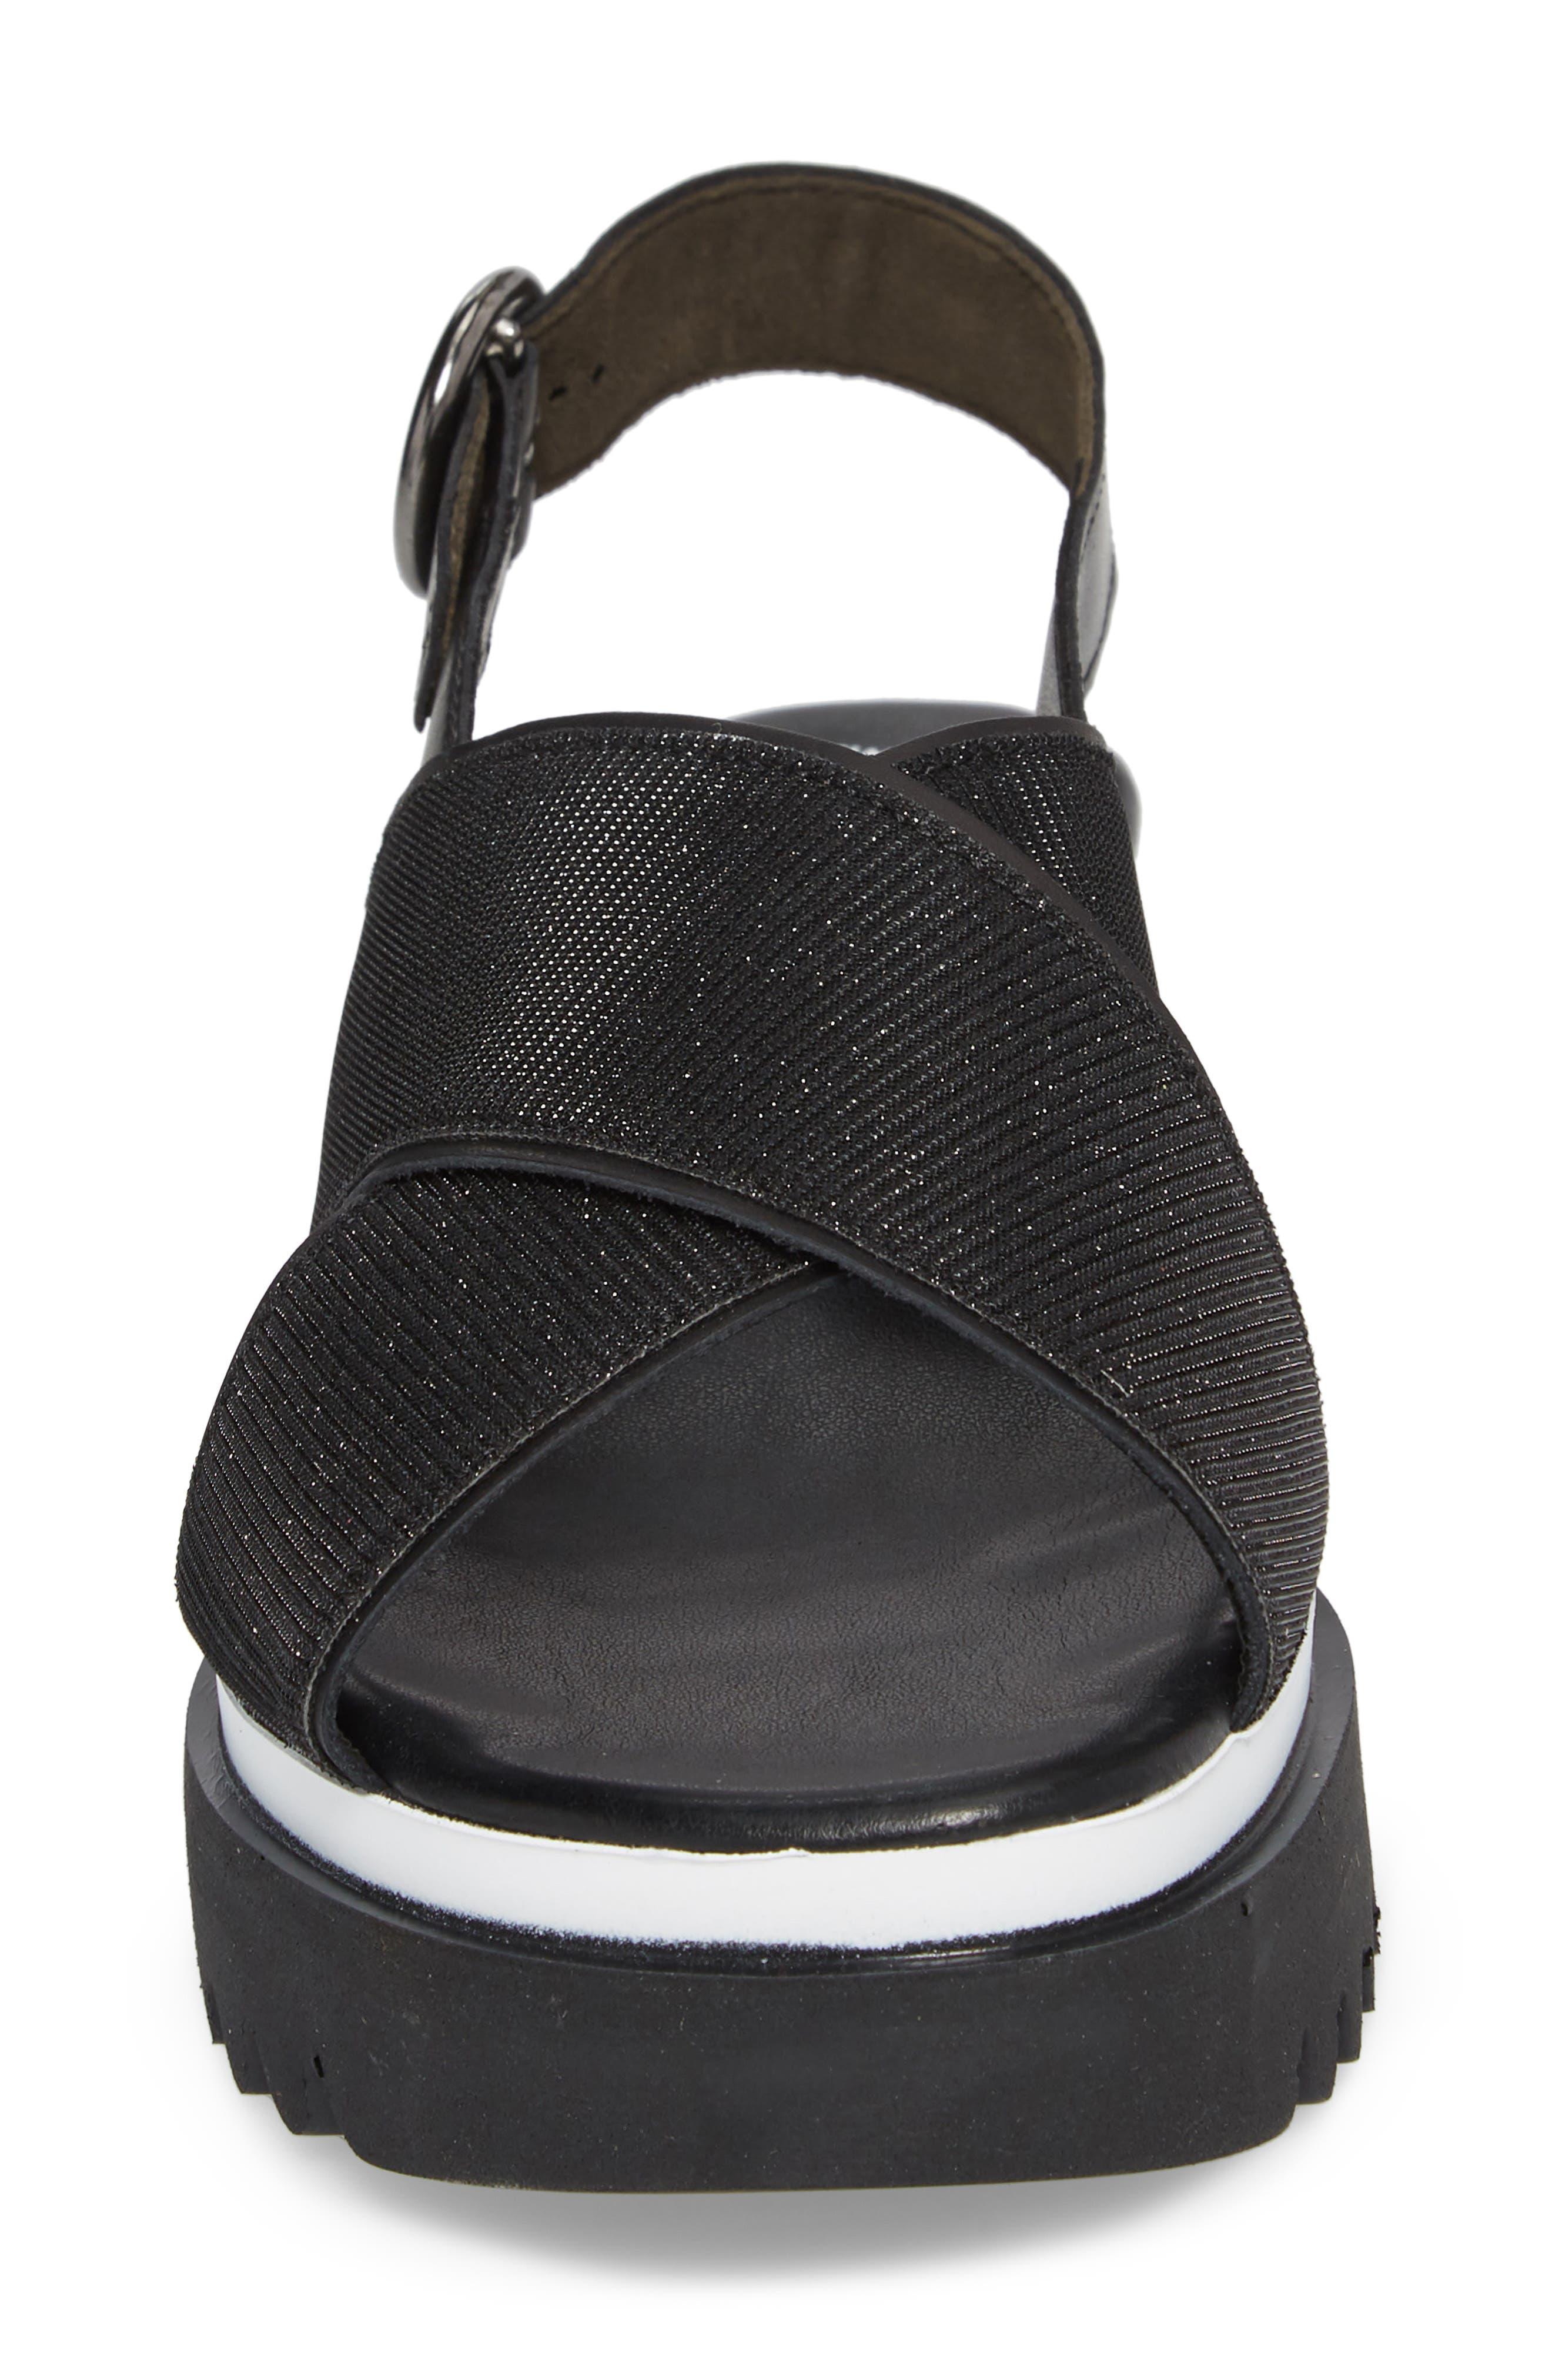 Crossover Strap Platform Sandal,                             Alternate thumbnail 4, color,                             BLACK LEATHER